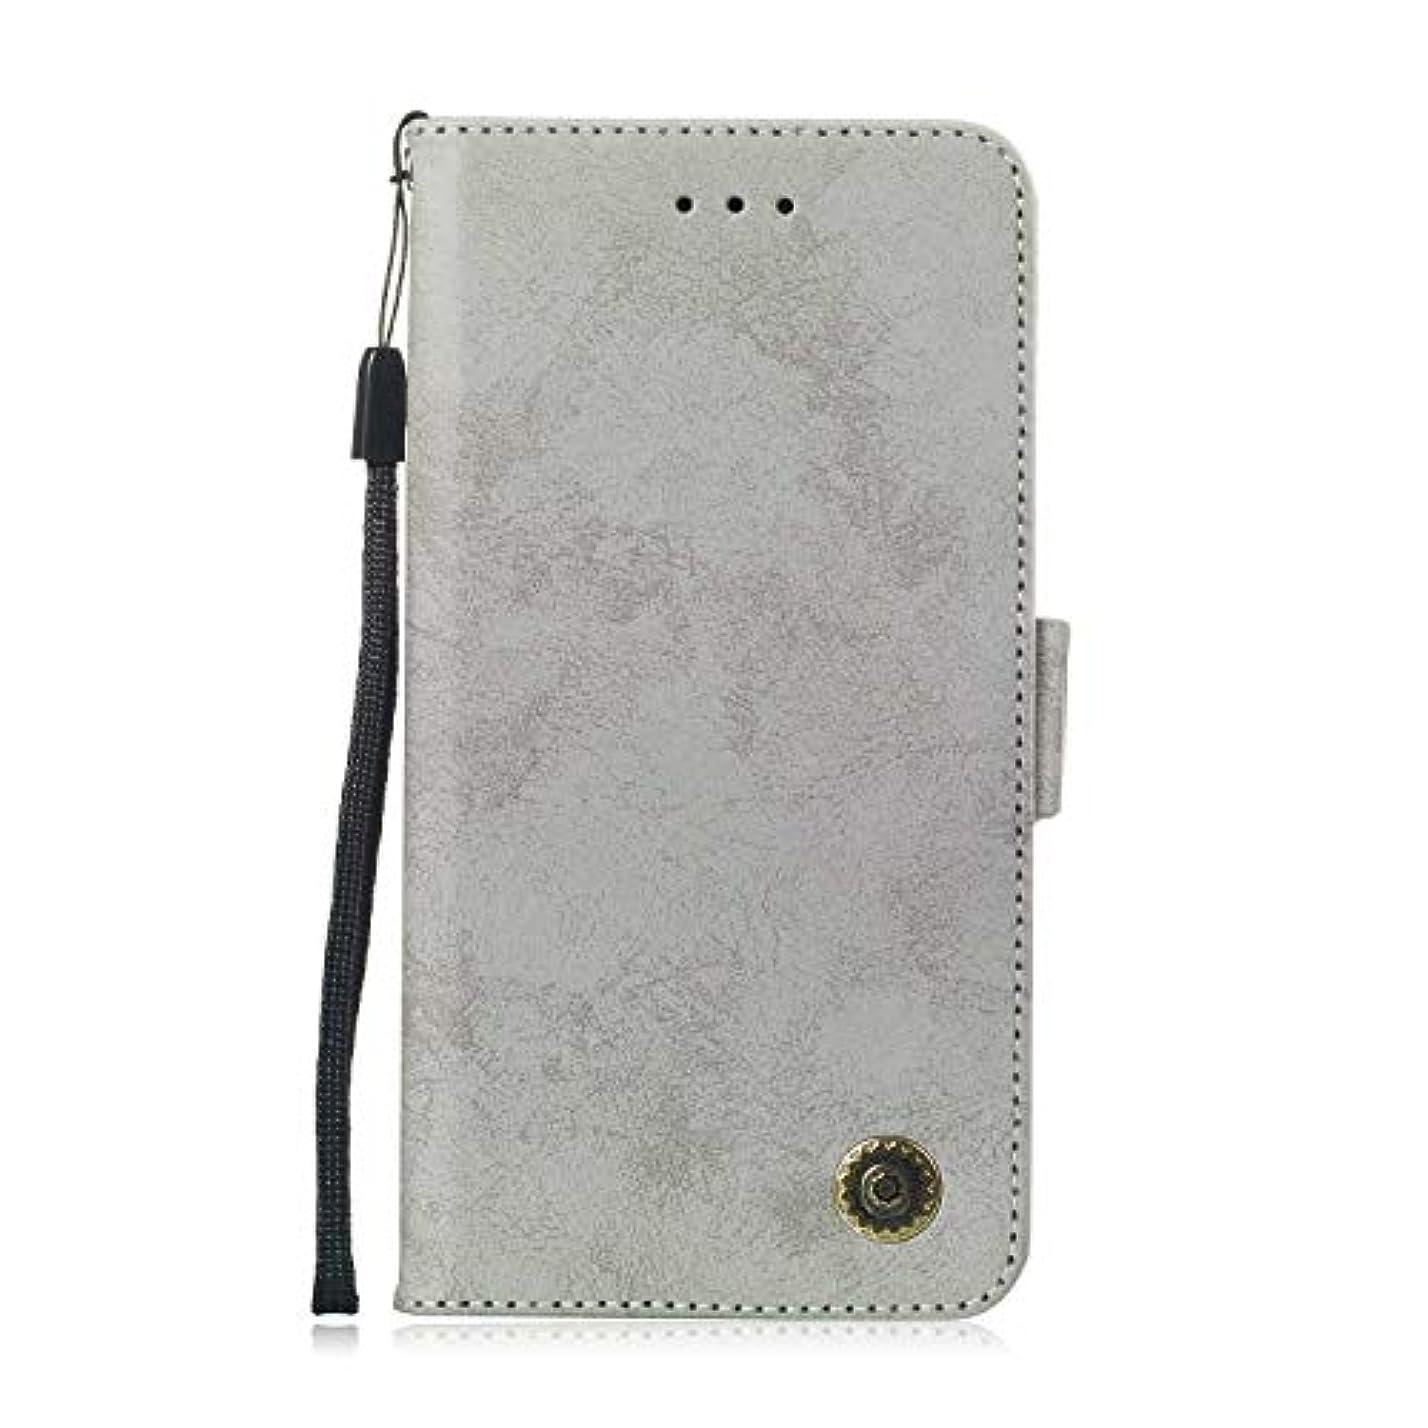 自然公園明らか空中Zeebox® Huawei Mate 20 Lite 手帳型ケース Huawei Mate 20 Lite 手帳型カバー 財布型 合皮PUレザー マグネット式 保護ケース カード収納 スタンド 機能 (グレー #5)